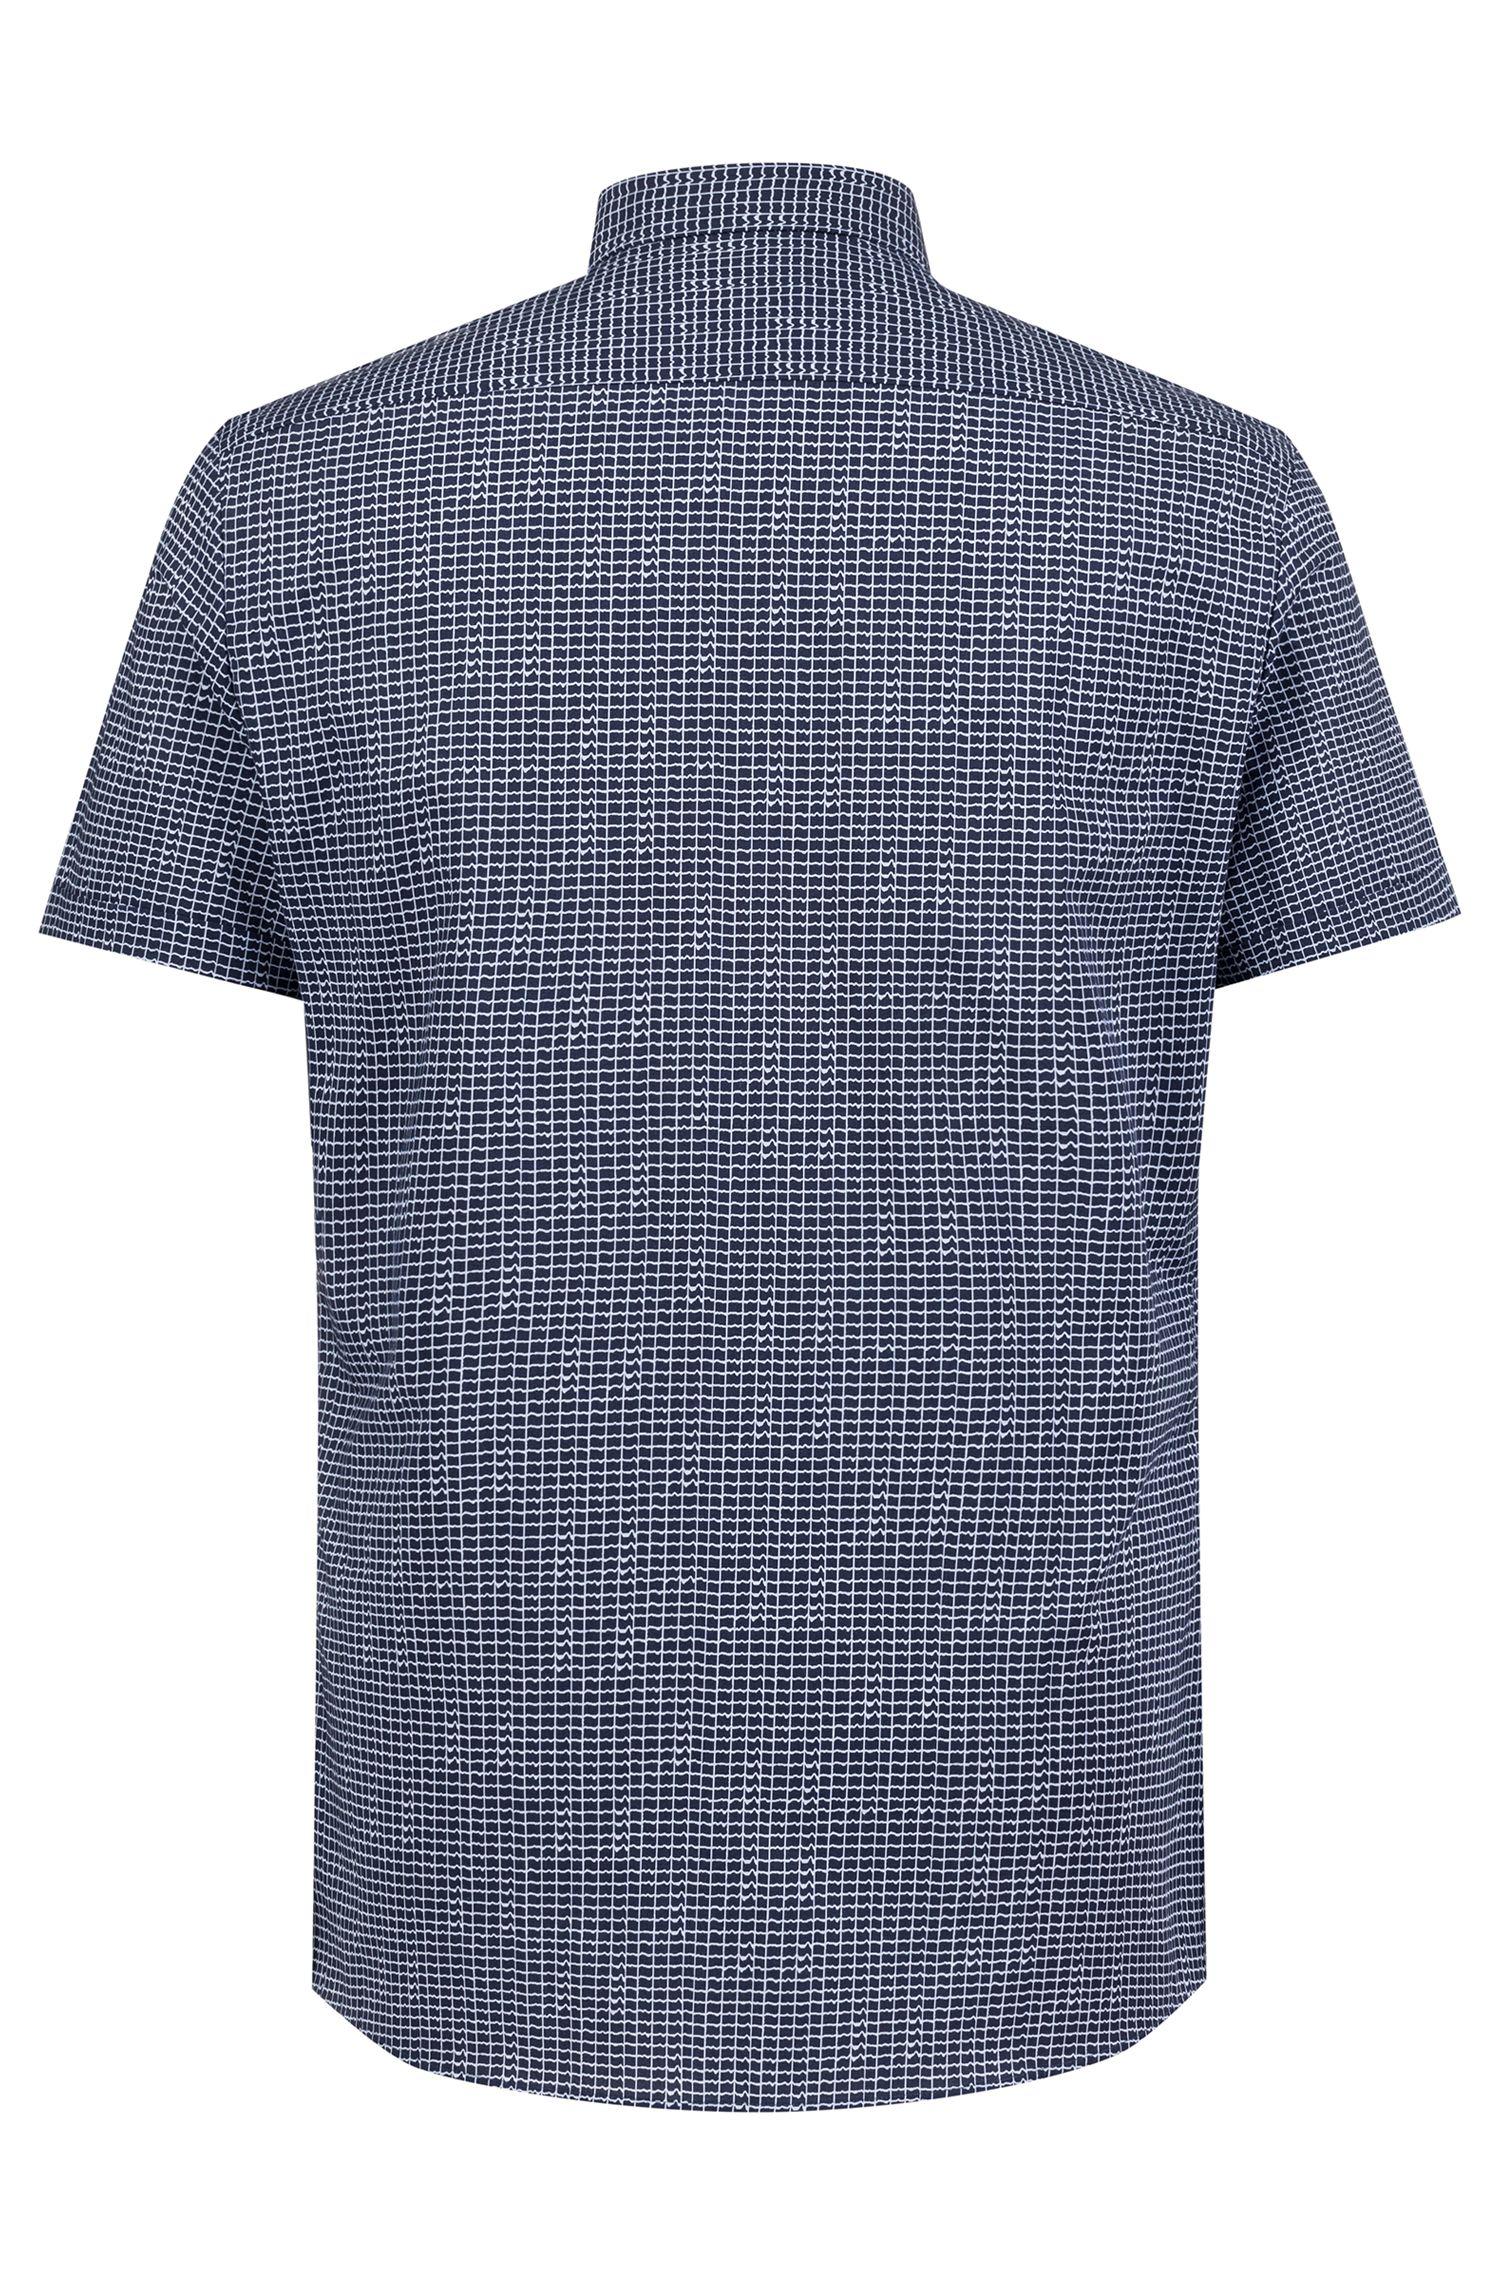 Hugo Boss - Camisa extra slim fit en algodón con estampado integral - 4